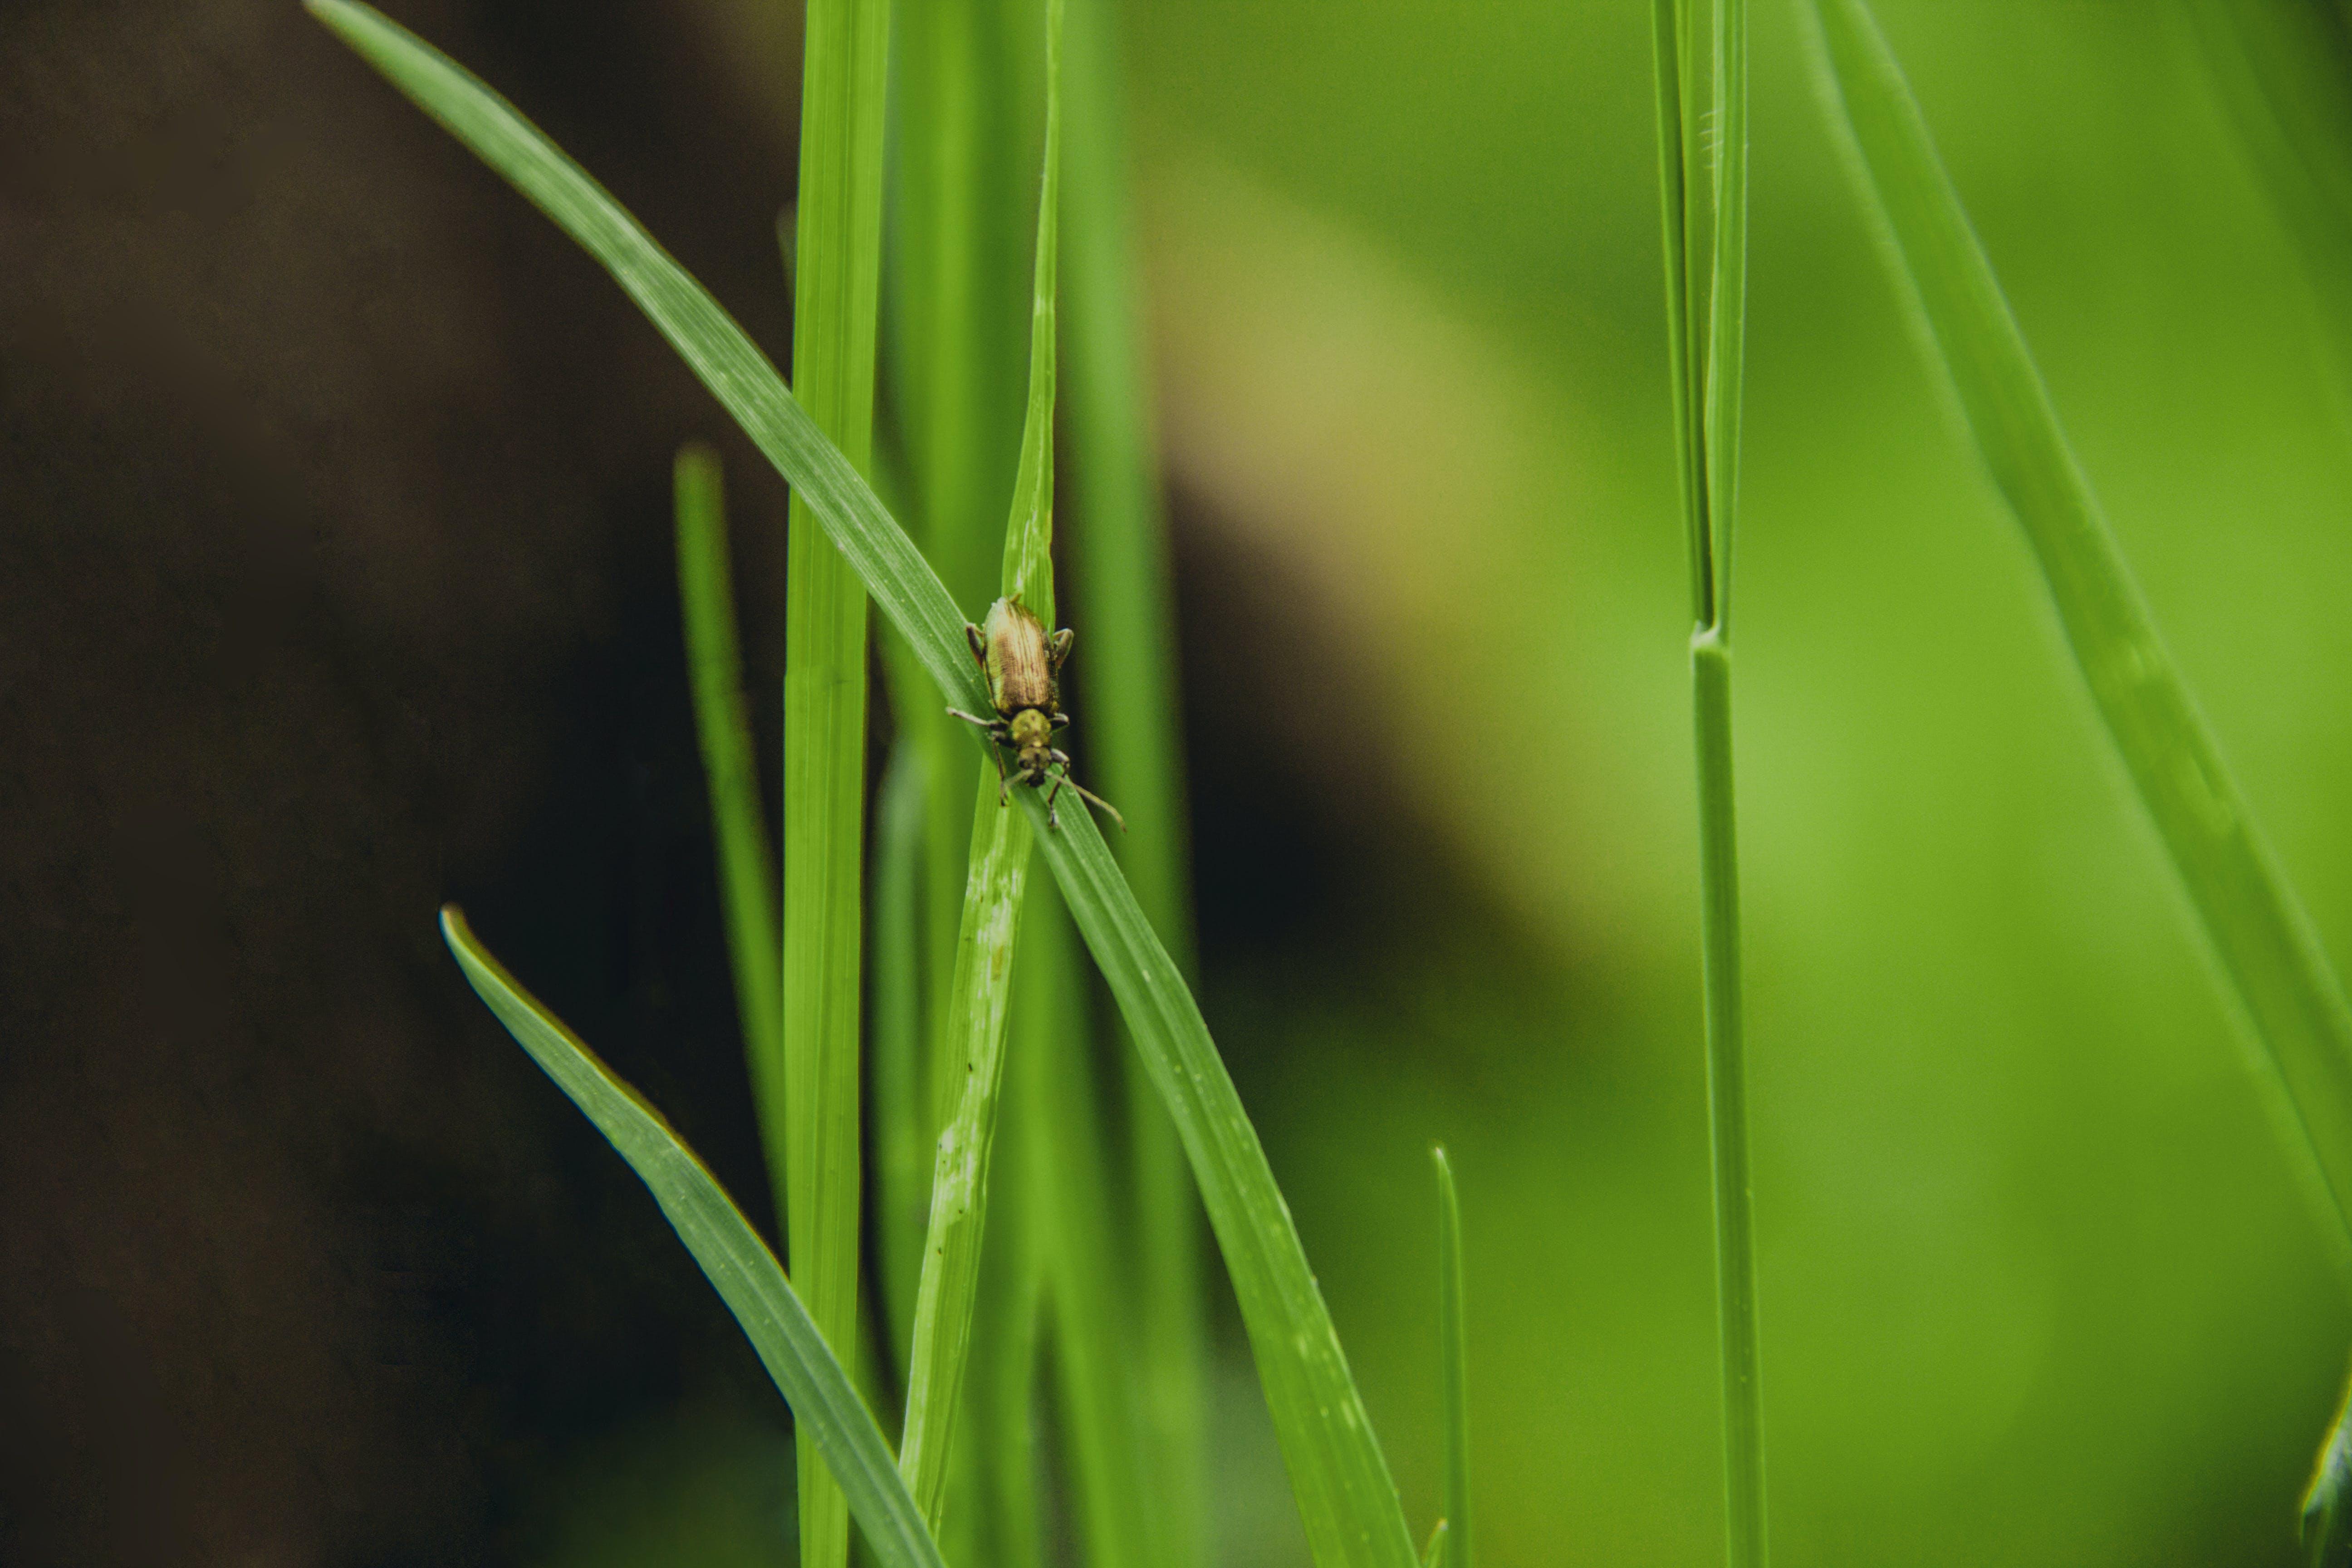 gras, insekt, verschwimmen